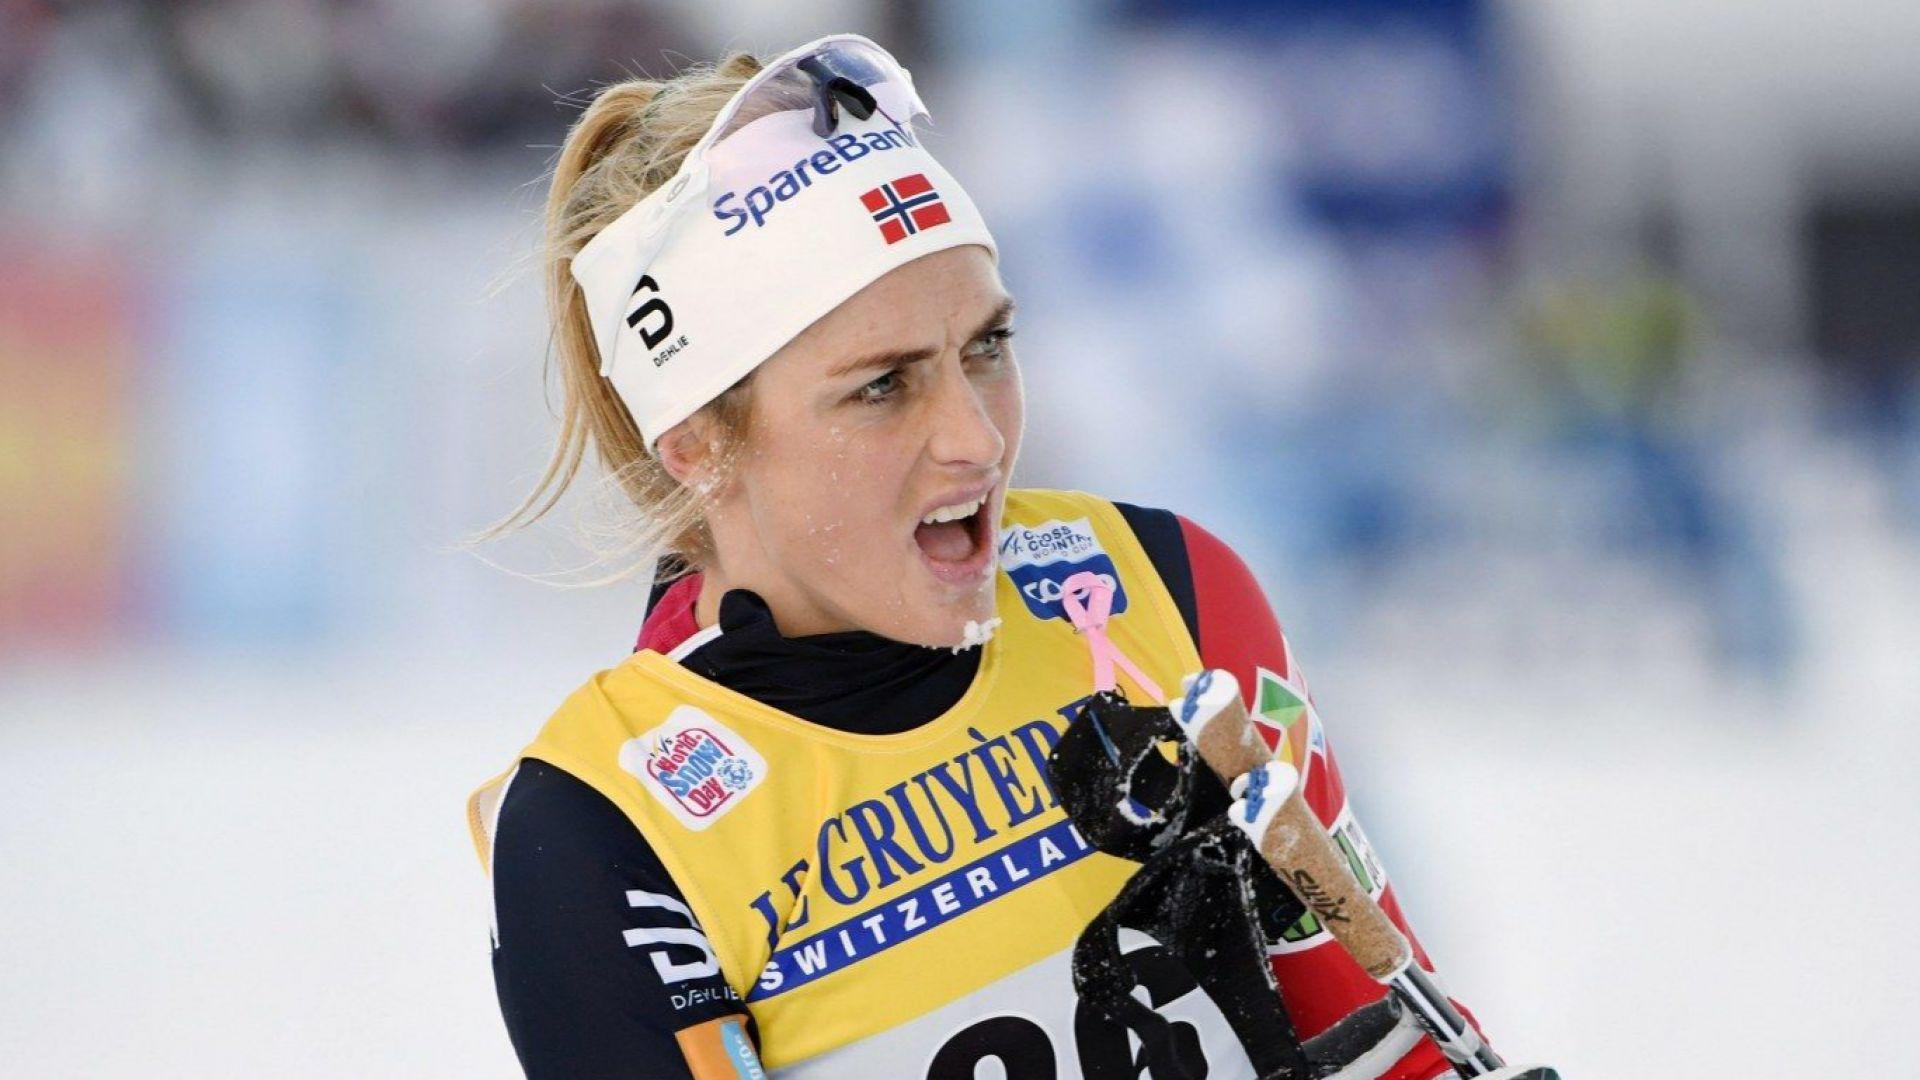 Върналата се след допинг наказание Йохауйг спечели първия старт